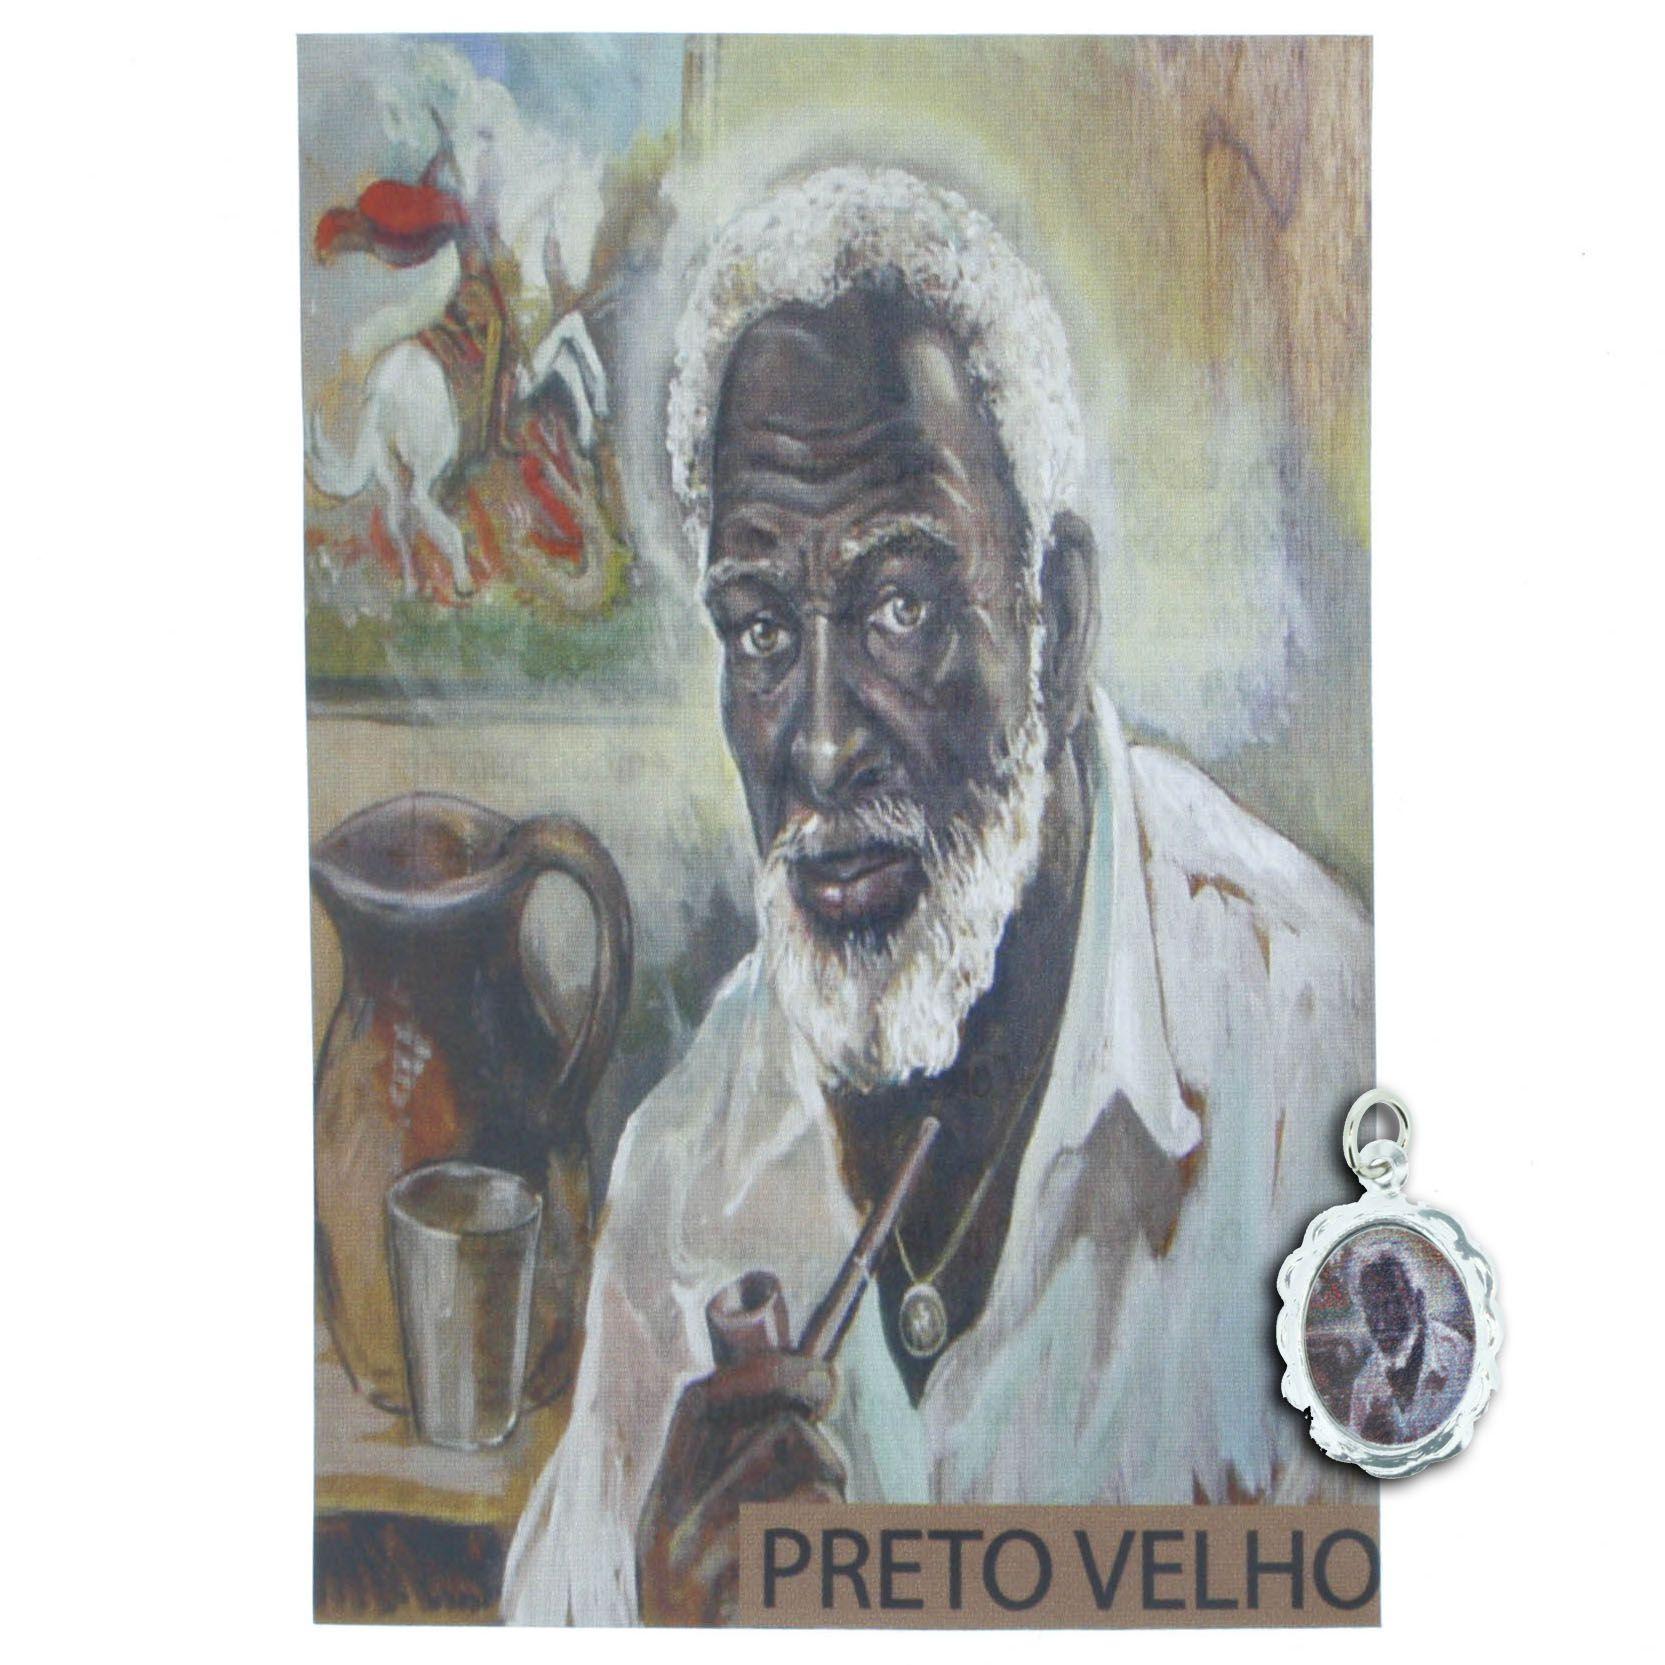 Medalha Preto Velho + Folheto  - Universo Religioso® - Artigos de Umbanda e Candomblé